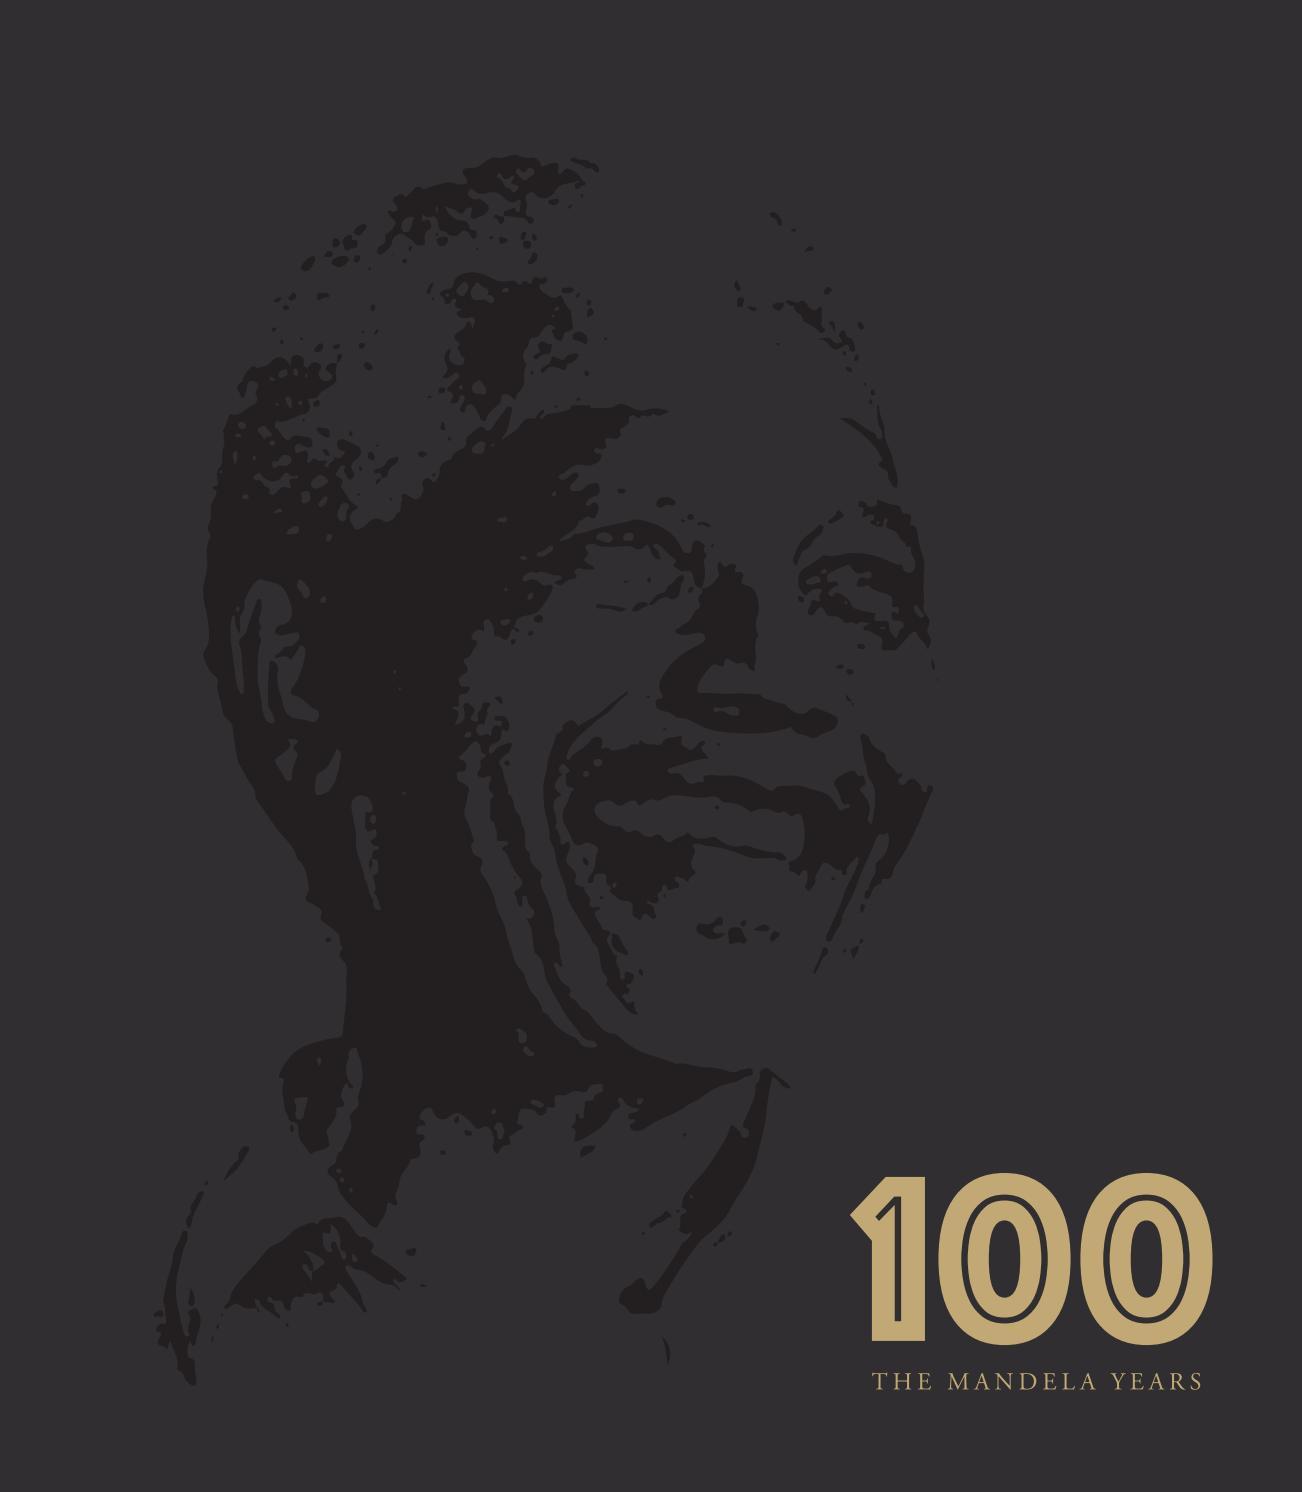 100: The Mandela Years by Topco Media - issuu